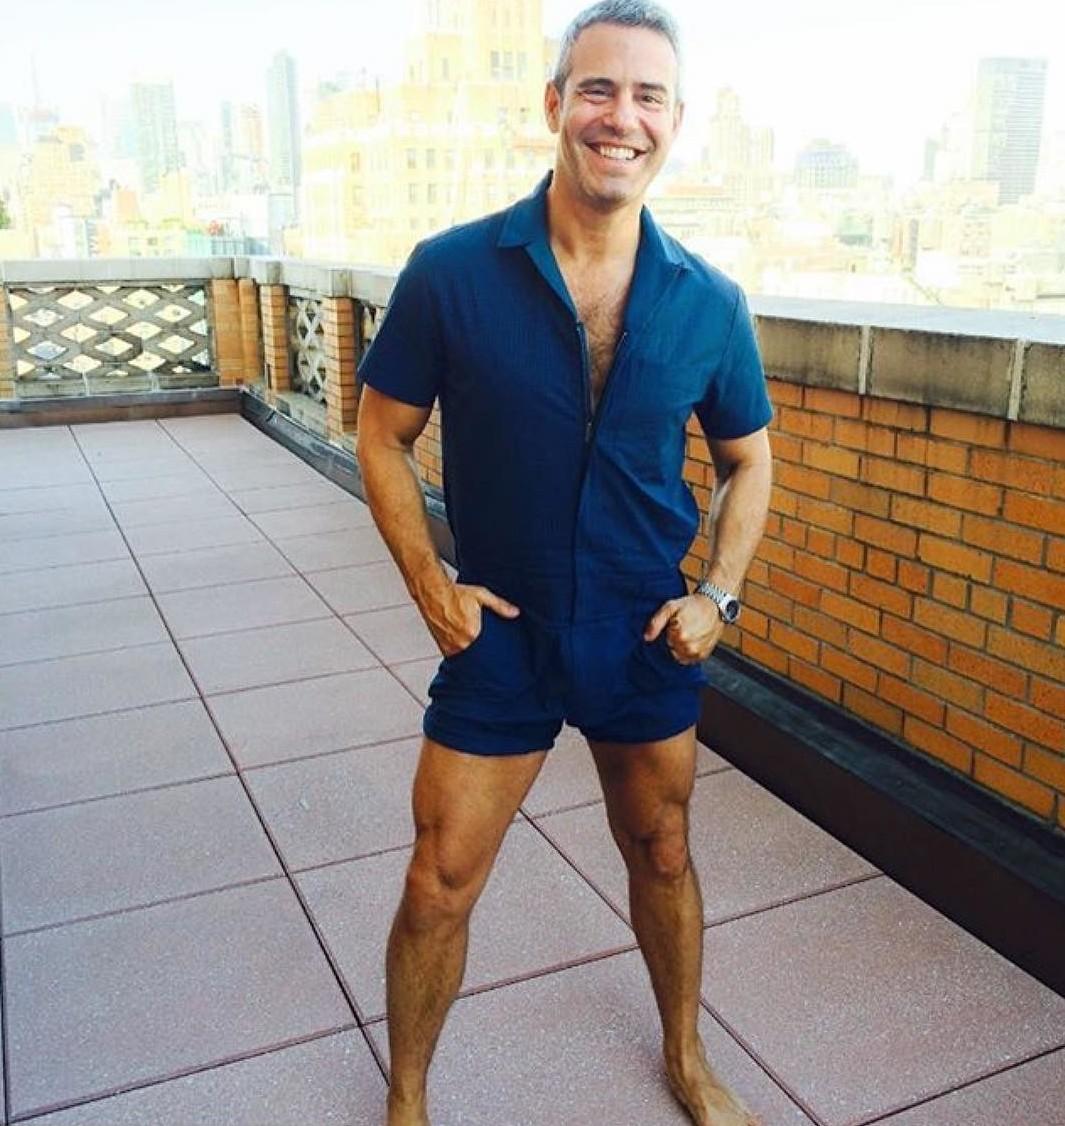 Новый модный тренд: мужские кружевные шорты RompHim, trend, кружевные шорты, мода, модники, мужчины, одежда, шорты